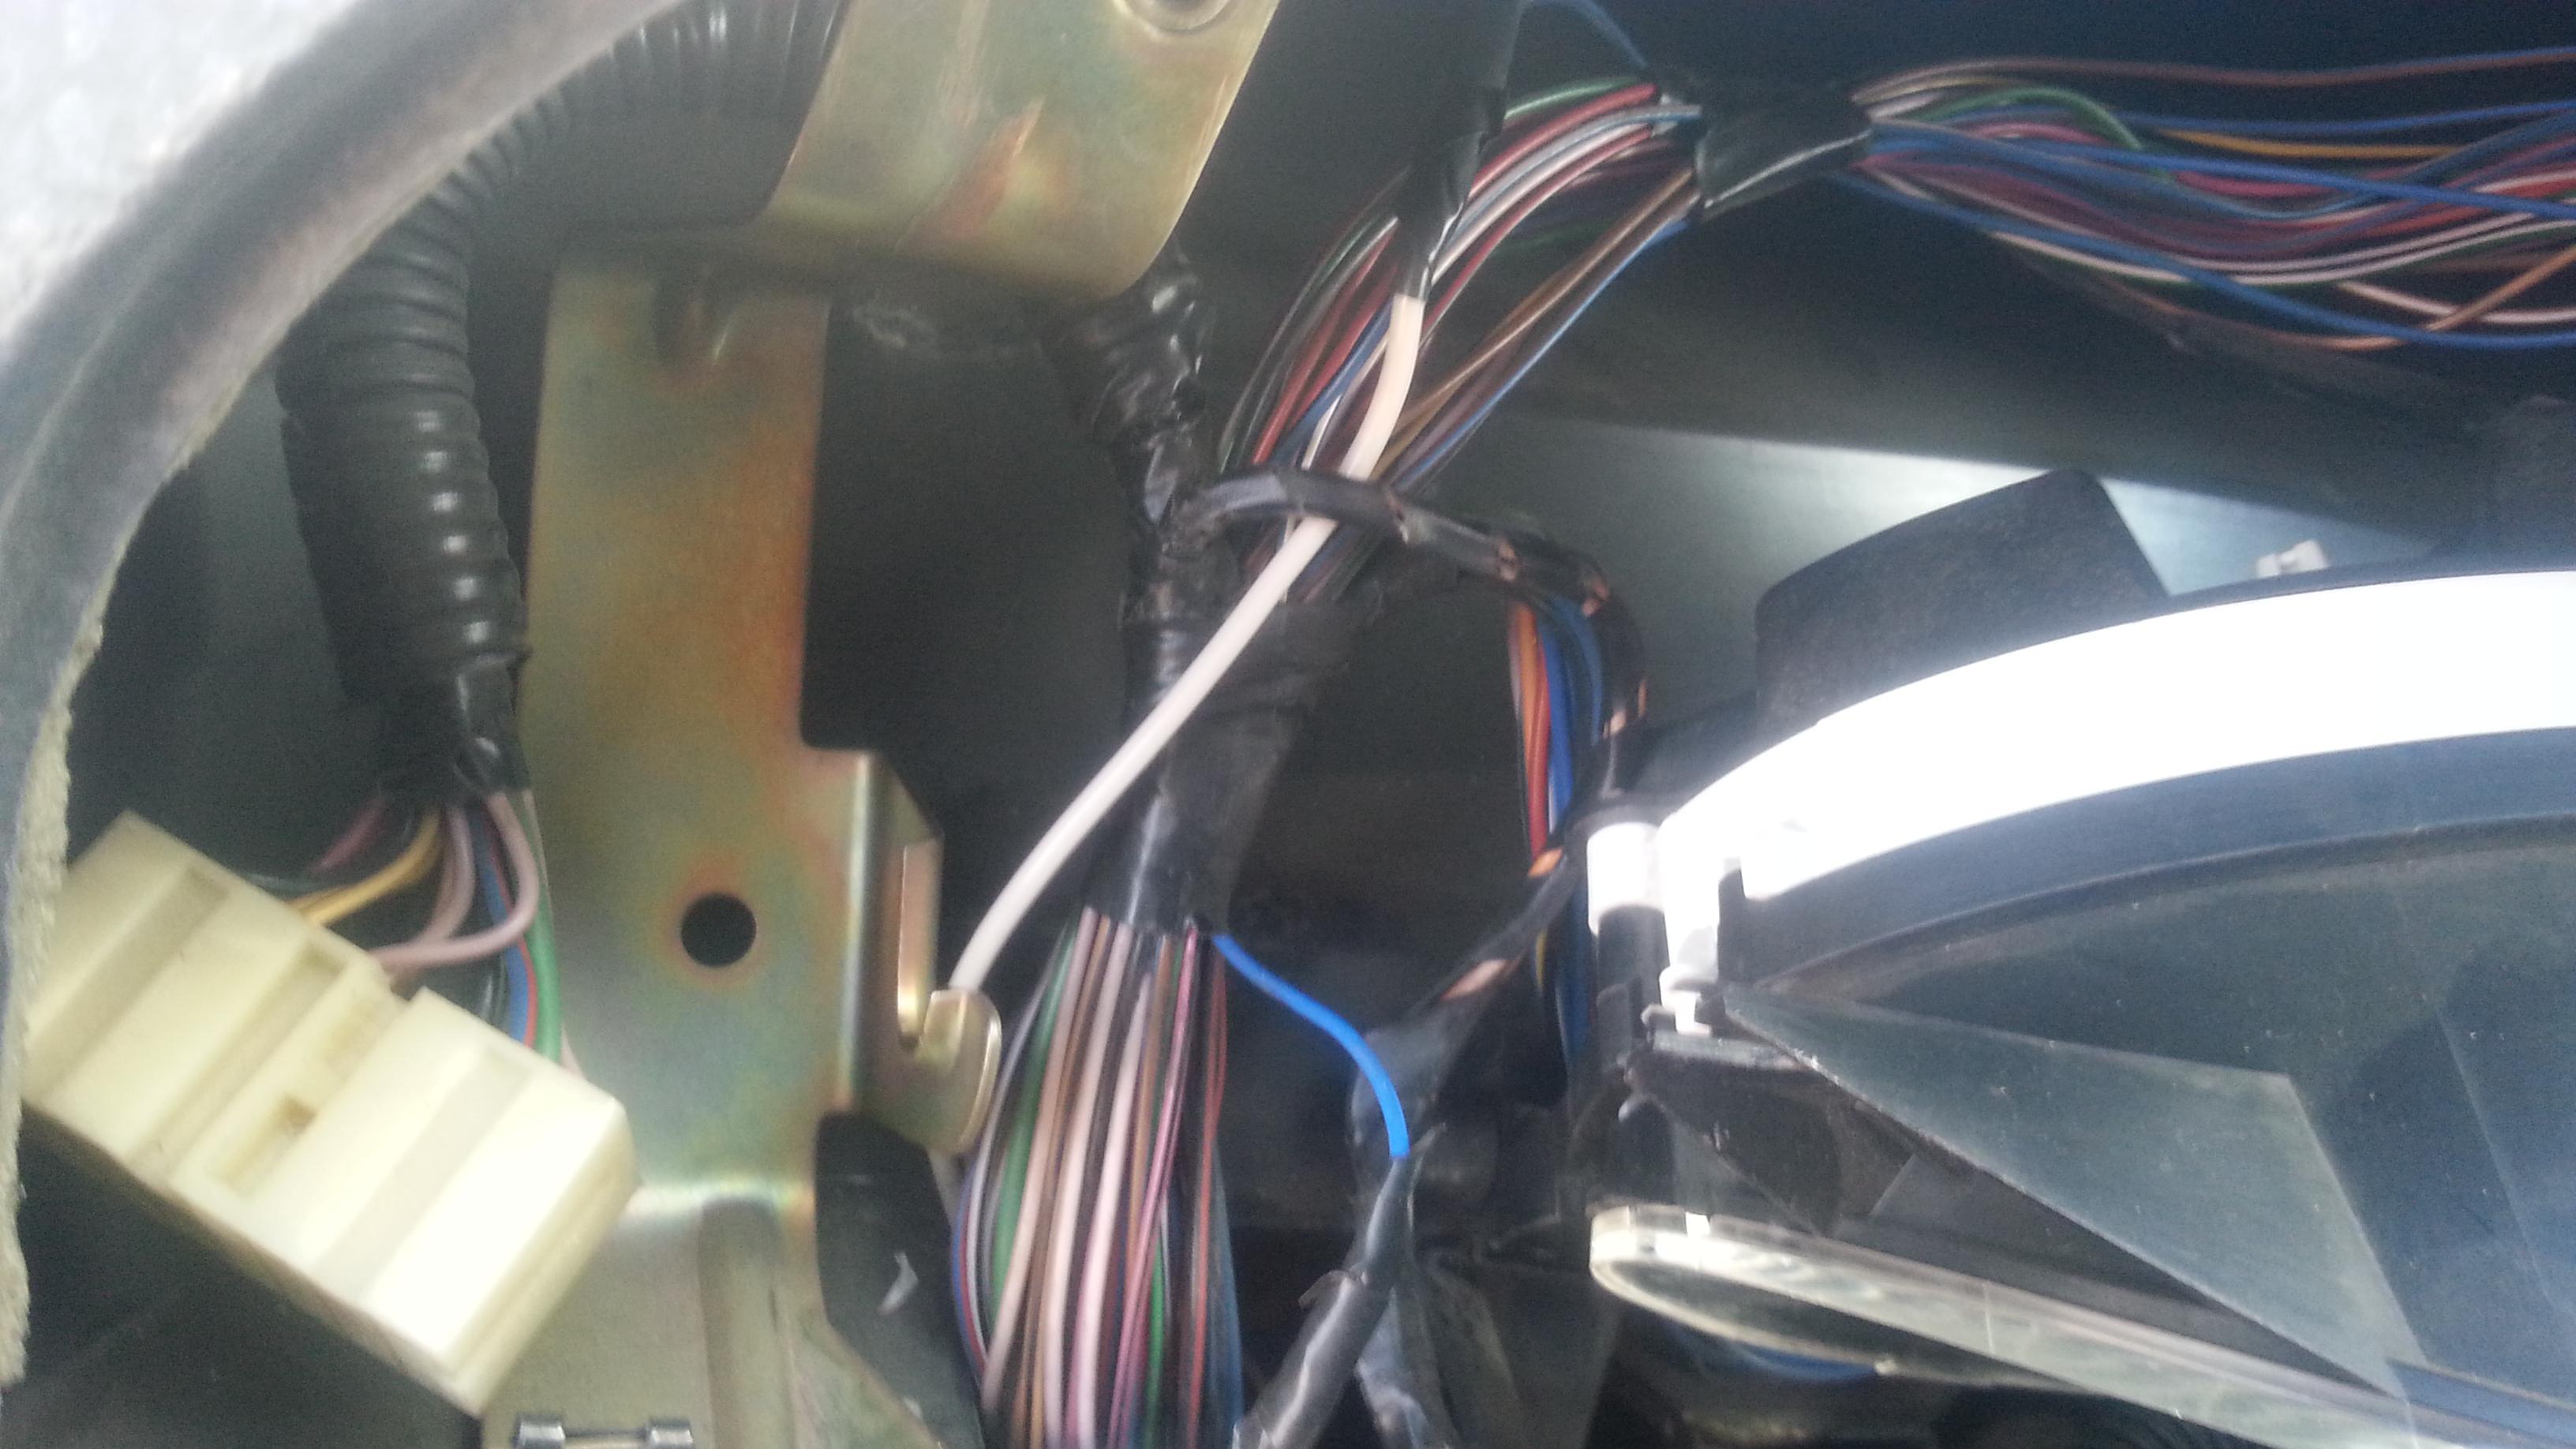 Установка блока переключателей стеклоподъемников и управления зеркалами UAZ Patriot и ГАЗель-NEXT. Рис. 17